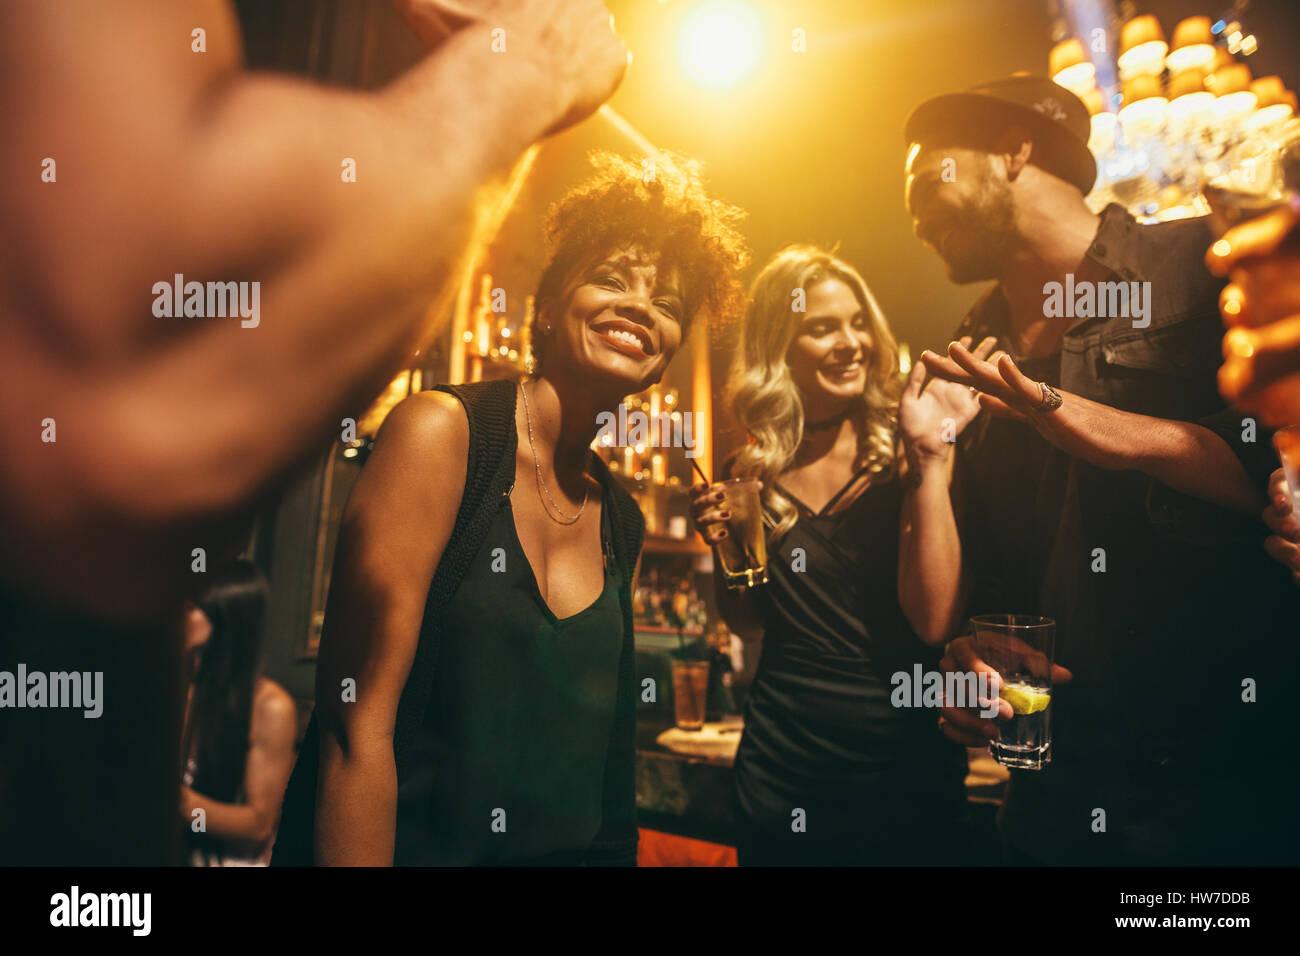 Image jeunes s'amusant à disco. Groupe d'amis profitant d'une partie à une discothèque. Photo Stock